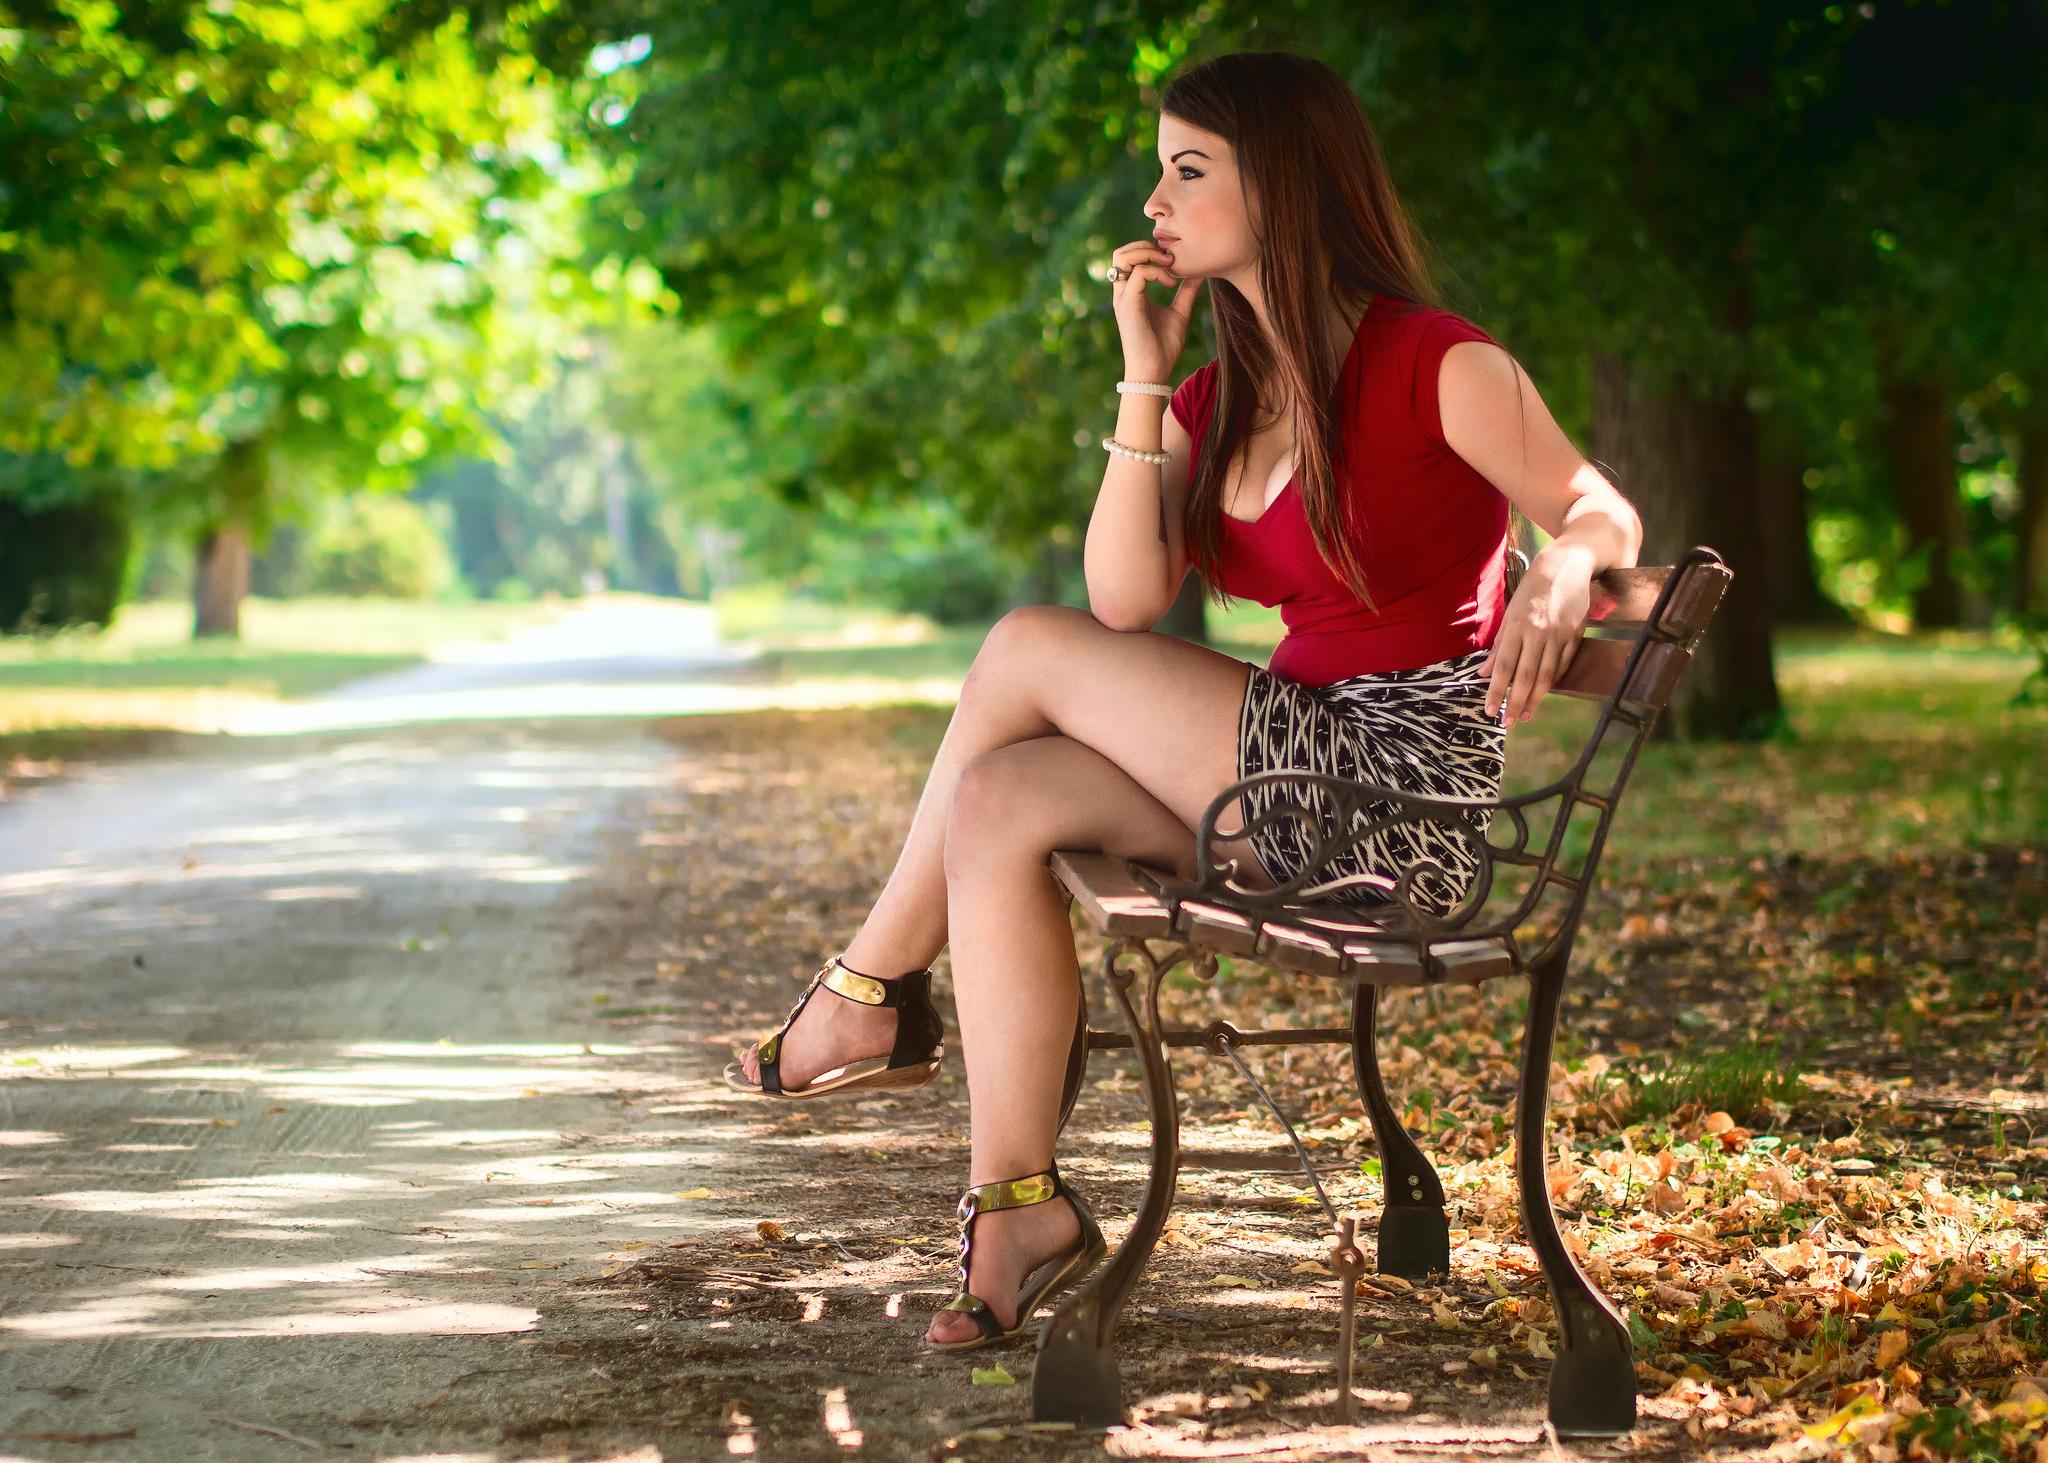 девушка на скамейке с сумкой и фотоаппаратом  № 2676830  скачать